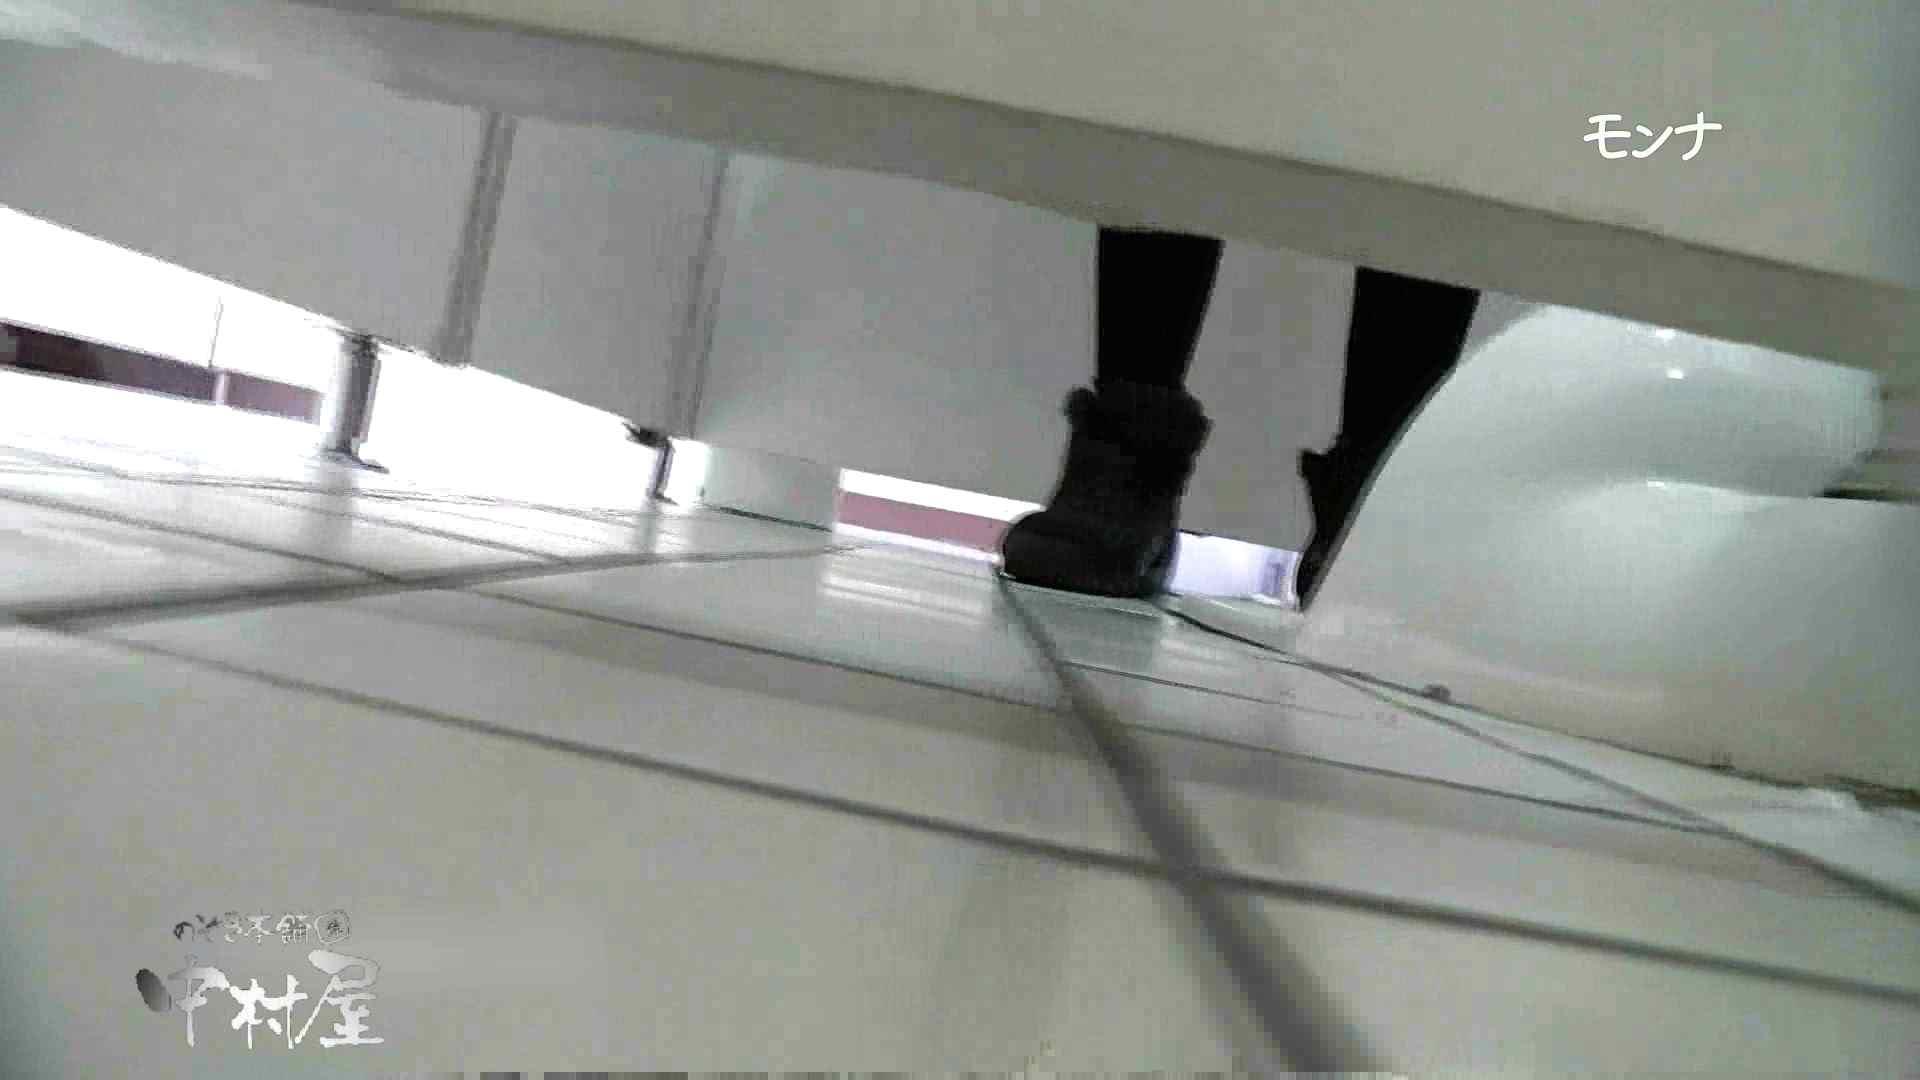 【美しい日本の未来】遂に!!戸田恵梨香似の予告モデル登場ダッシュで「大」後編 0  52連発 44